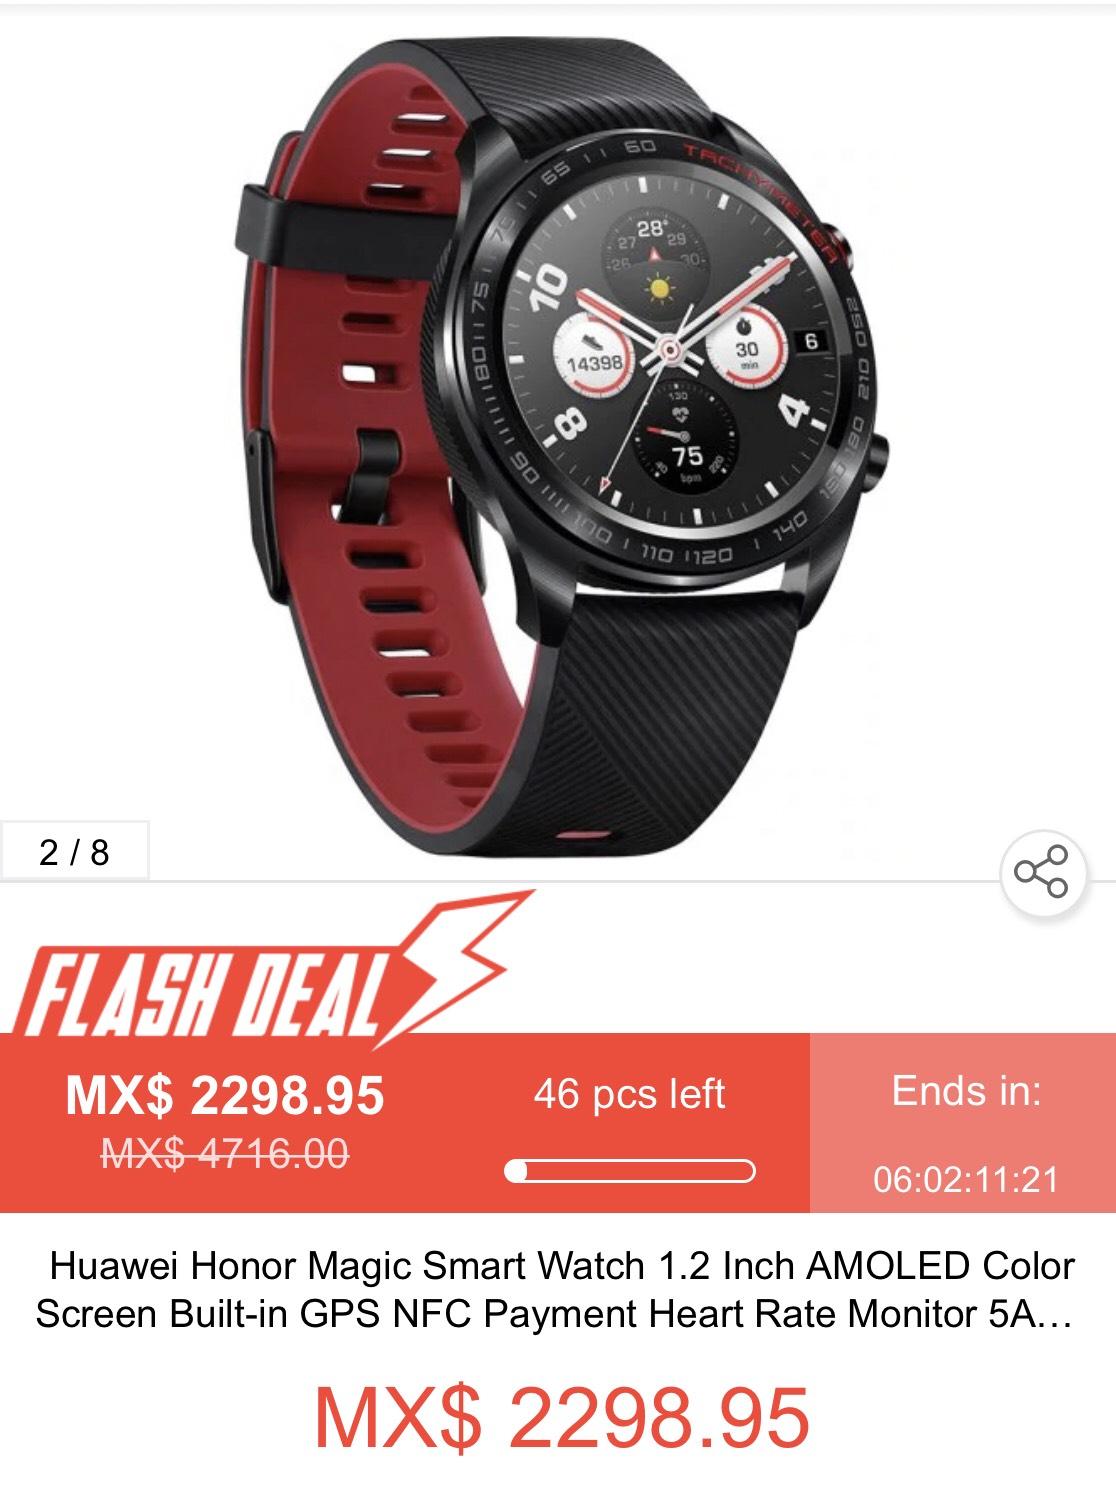 Geekbuying: Huawei Honor Magic Smart Watch 1.2 Inch AMOLED Color Screen